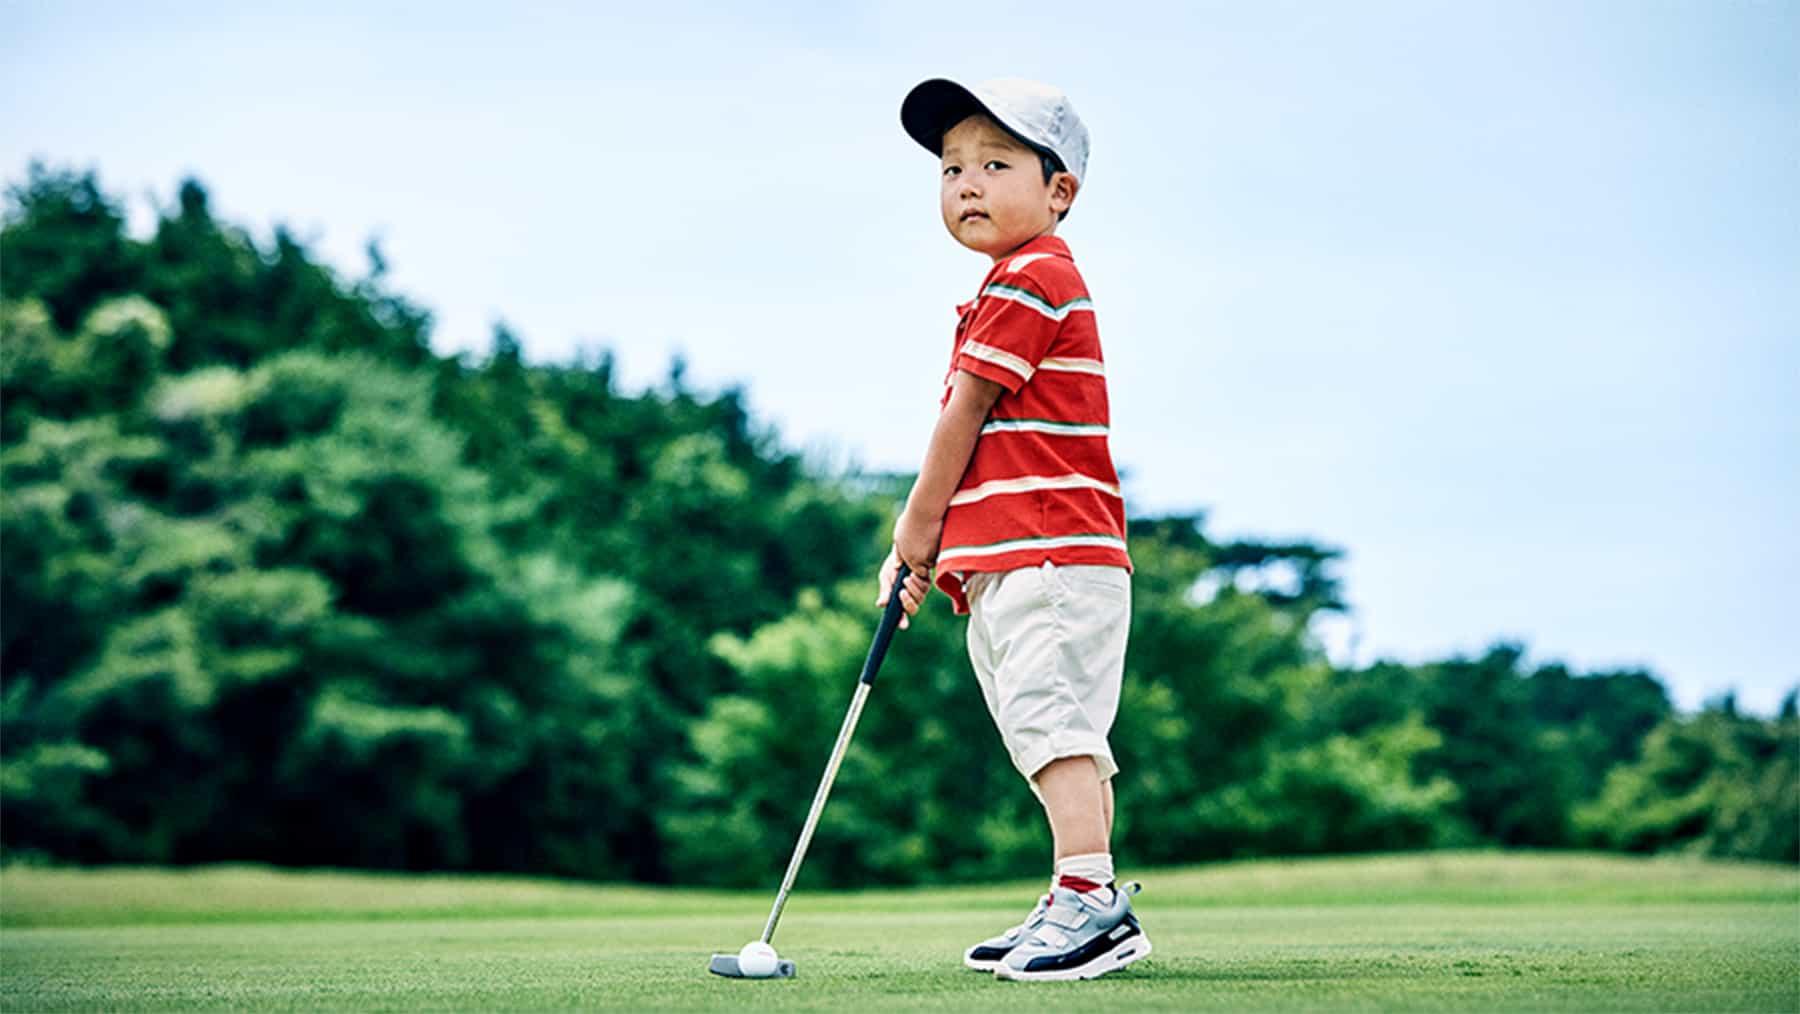 ProPILOT Golf Ball